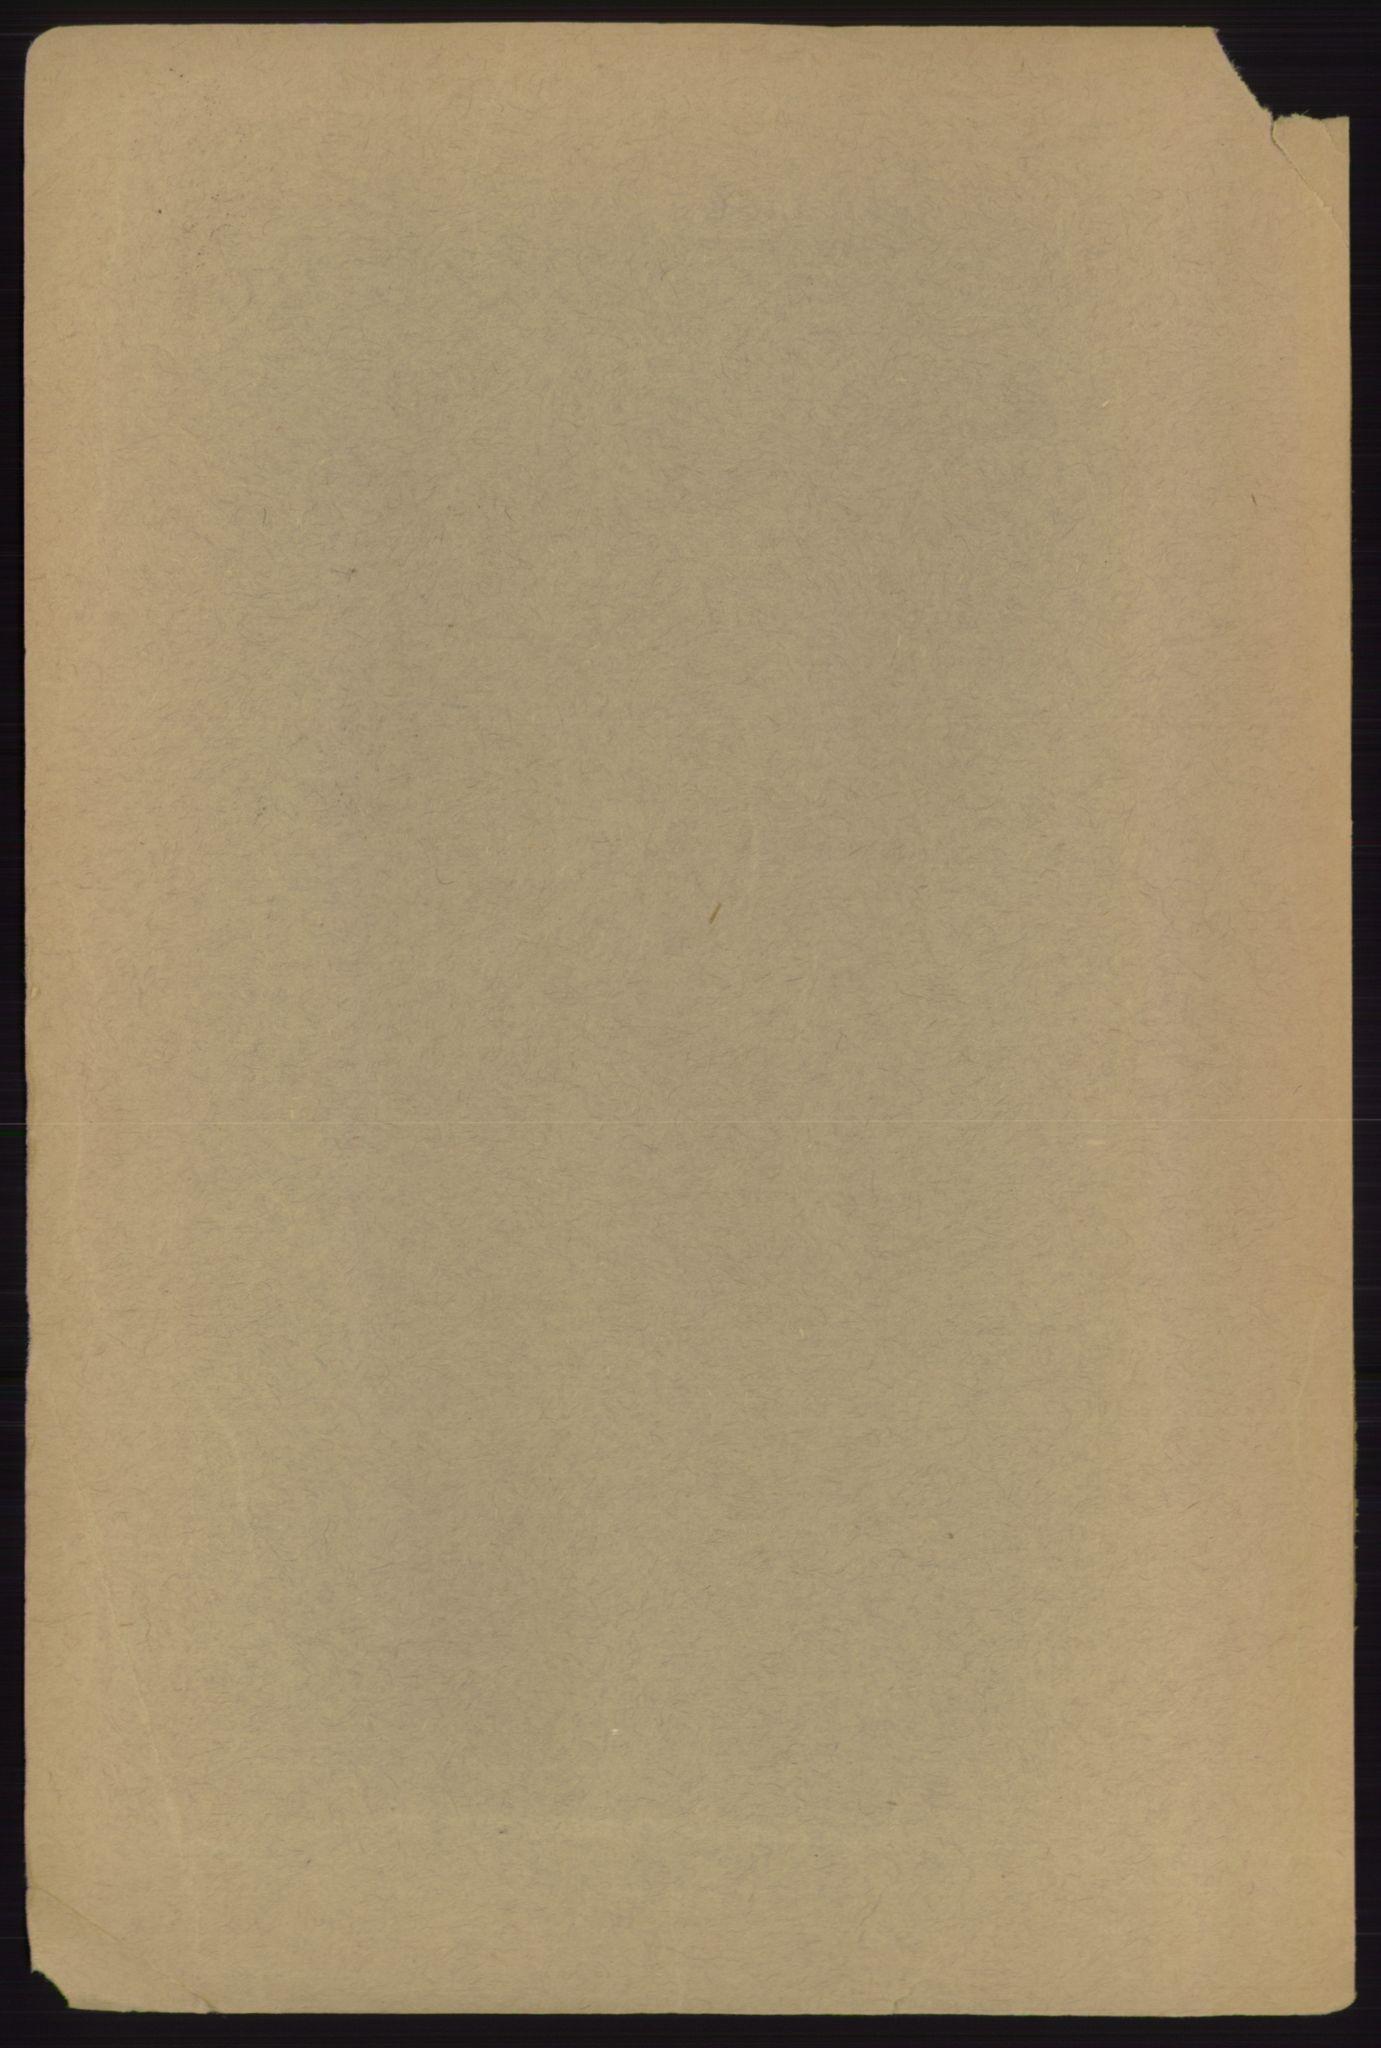 AAB, Landsorganisasjonen i Norge - publikasjoner, -/-: Protokoll for Kongressen 1938, 1938